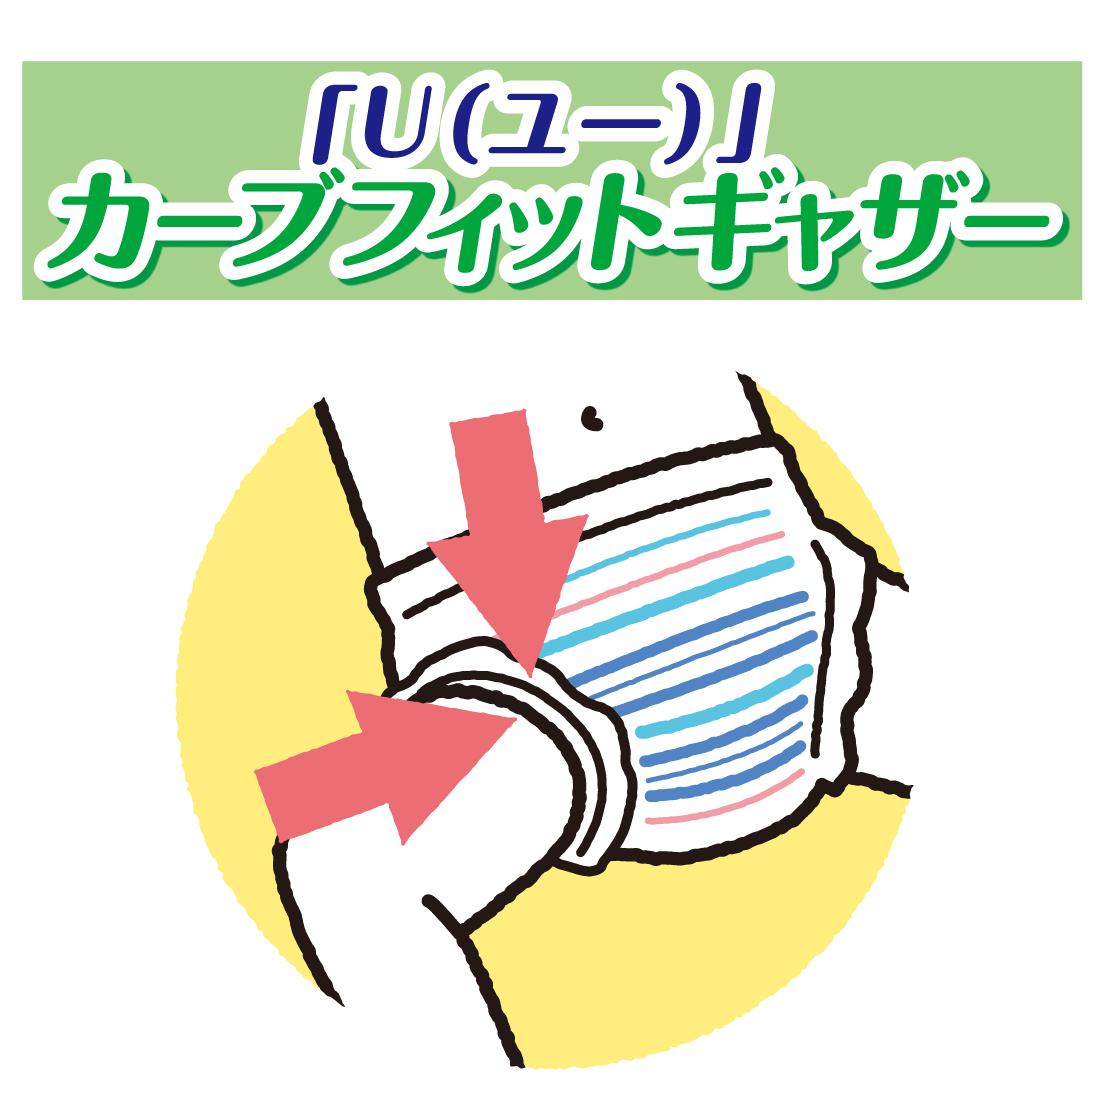 グーン ナイトジュニアパンツ14枚×6パック【853988】【ケース販売】